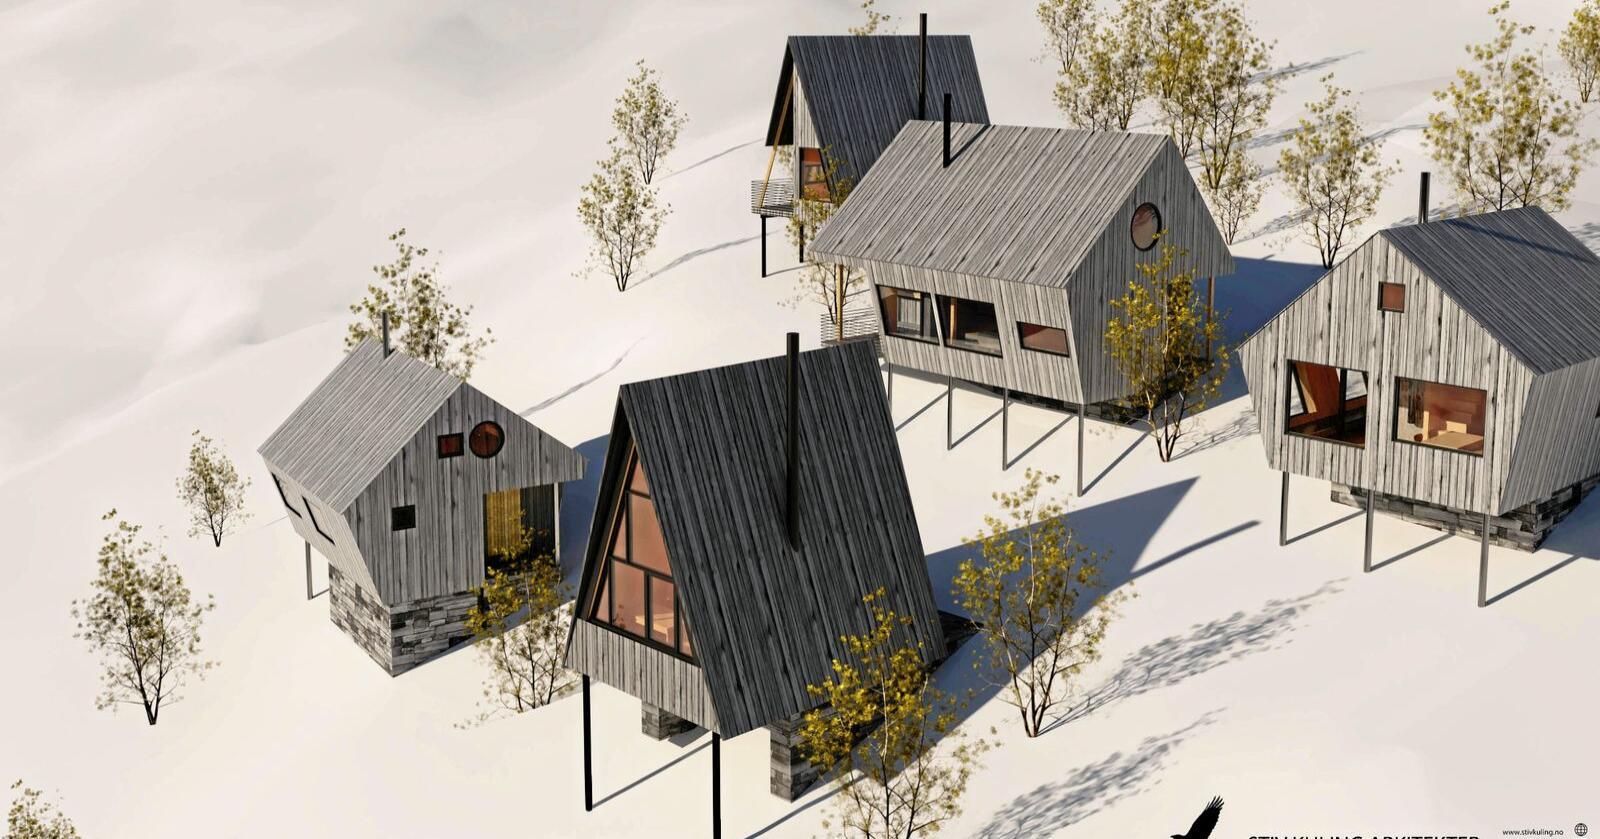 Klima og miljø: Fotavtrykket må reduseres dersom hyttene skal bli mer bærekraftige. Illustrasjon: Stiv Kuling Arkitekter / Sognefjord Utvikling